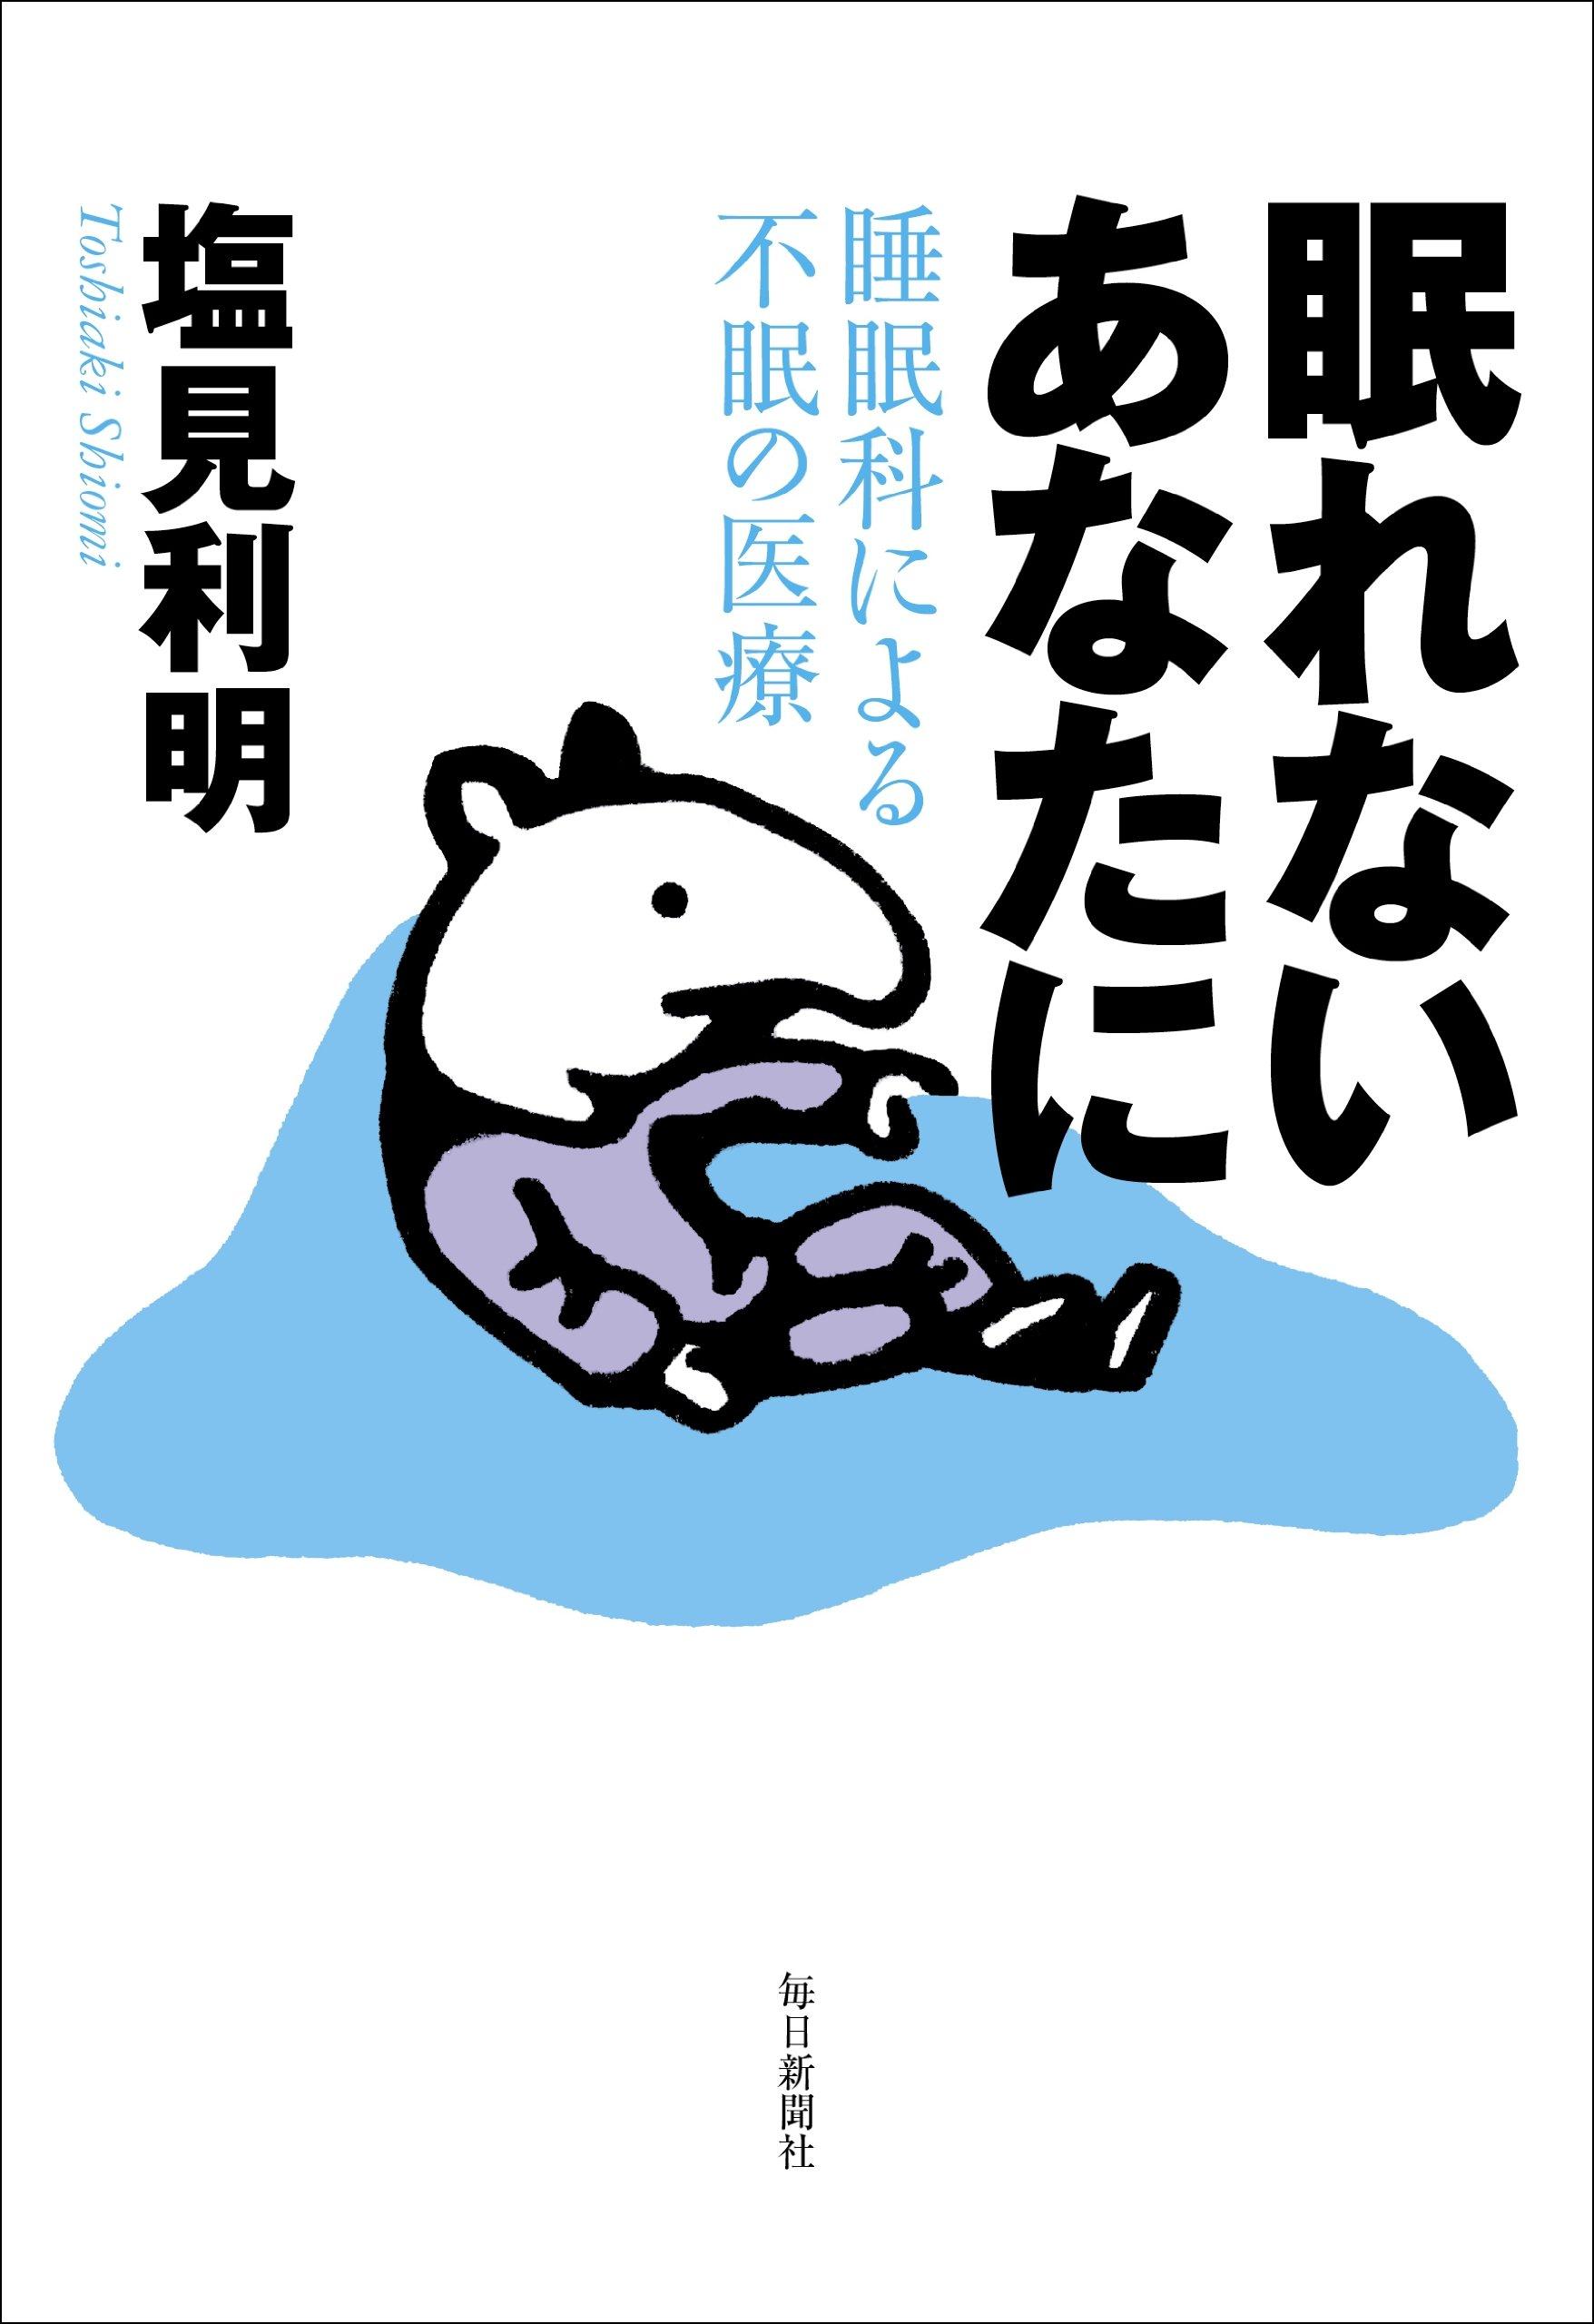 Nemurenai anata ni : Suiminka ni yoru fumin no iryō PDF